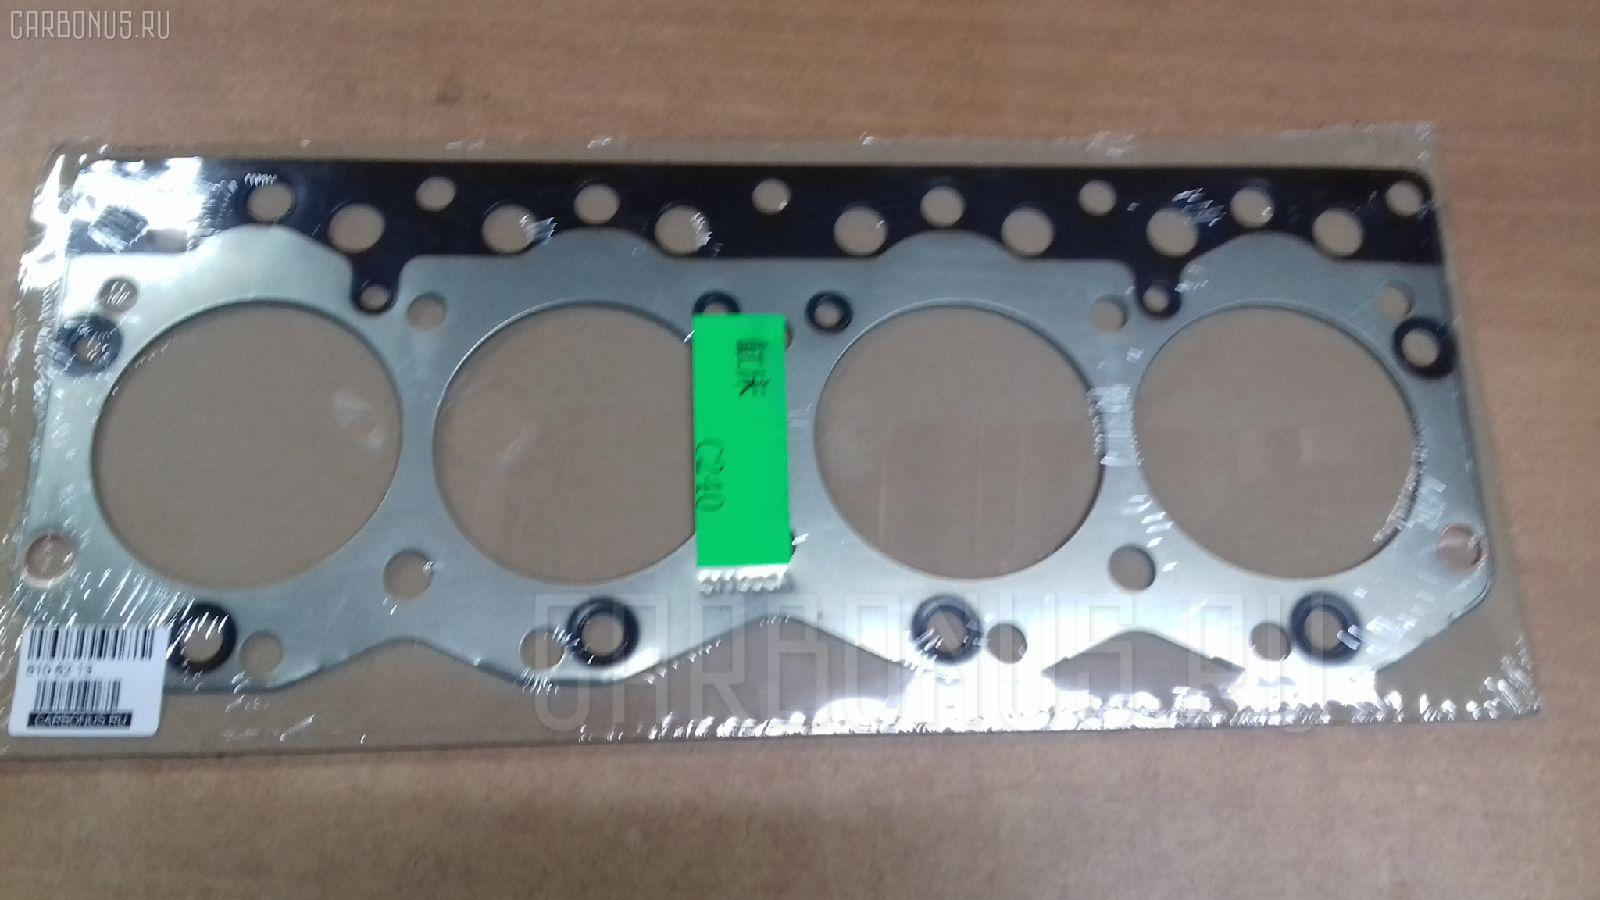 Прокладка под головку ДВС Isuzu C240 C240 Фото 1